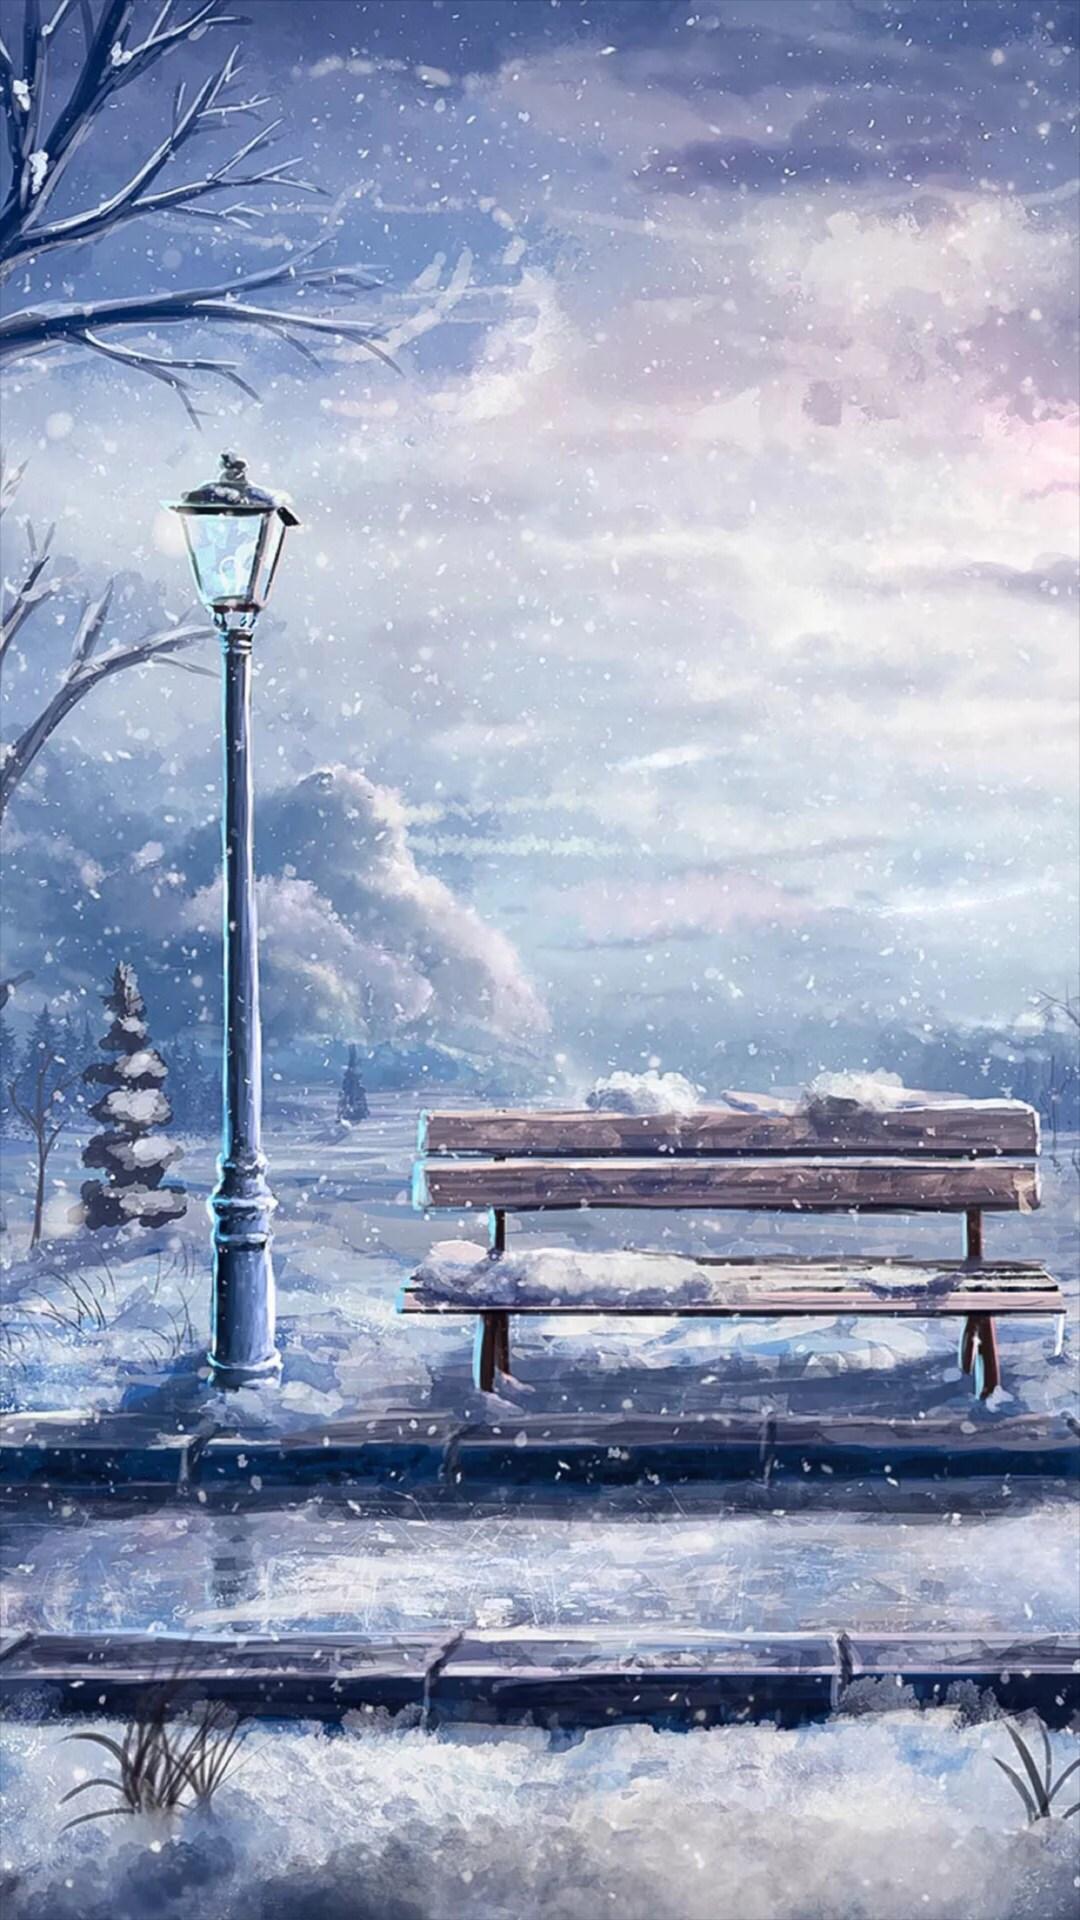 雪景 下雪 风景 苹果手机高清壁纸_爱思助手